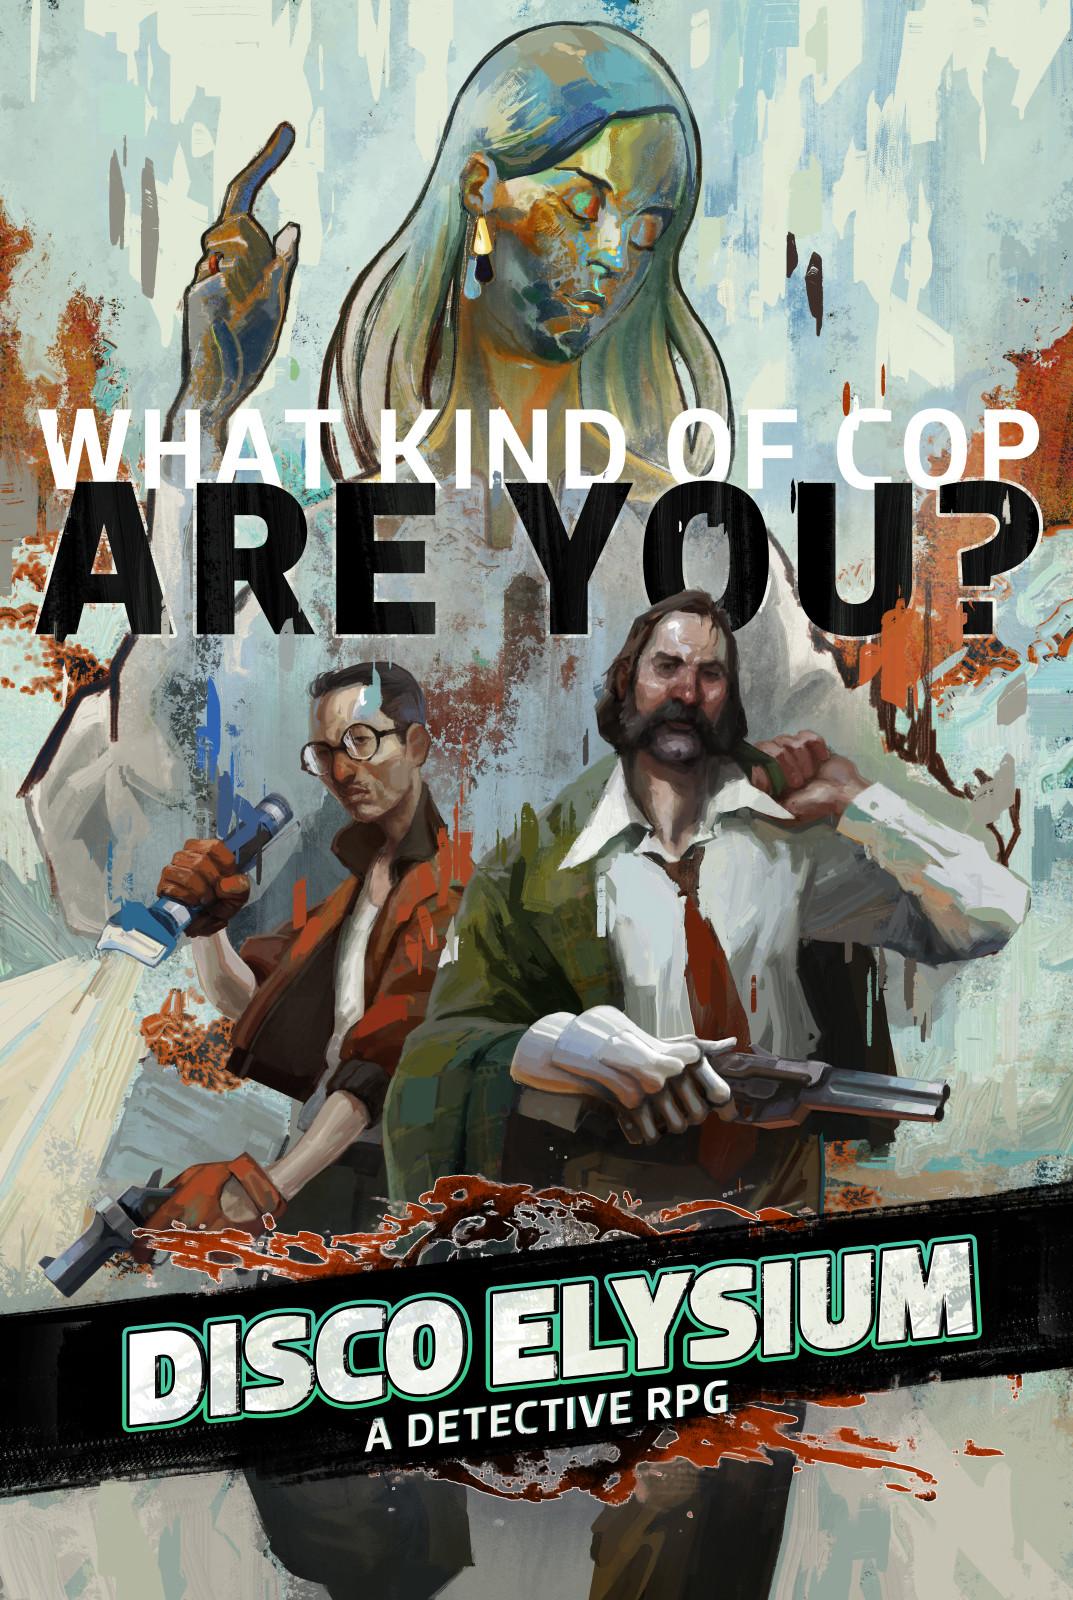 Disco Elysium's cover art